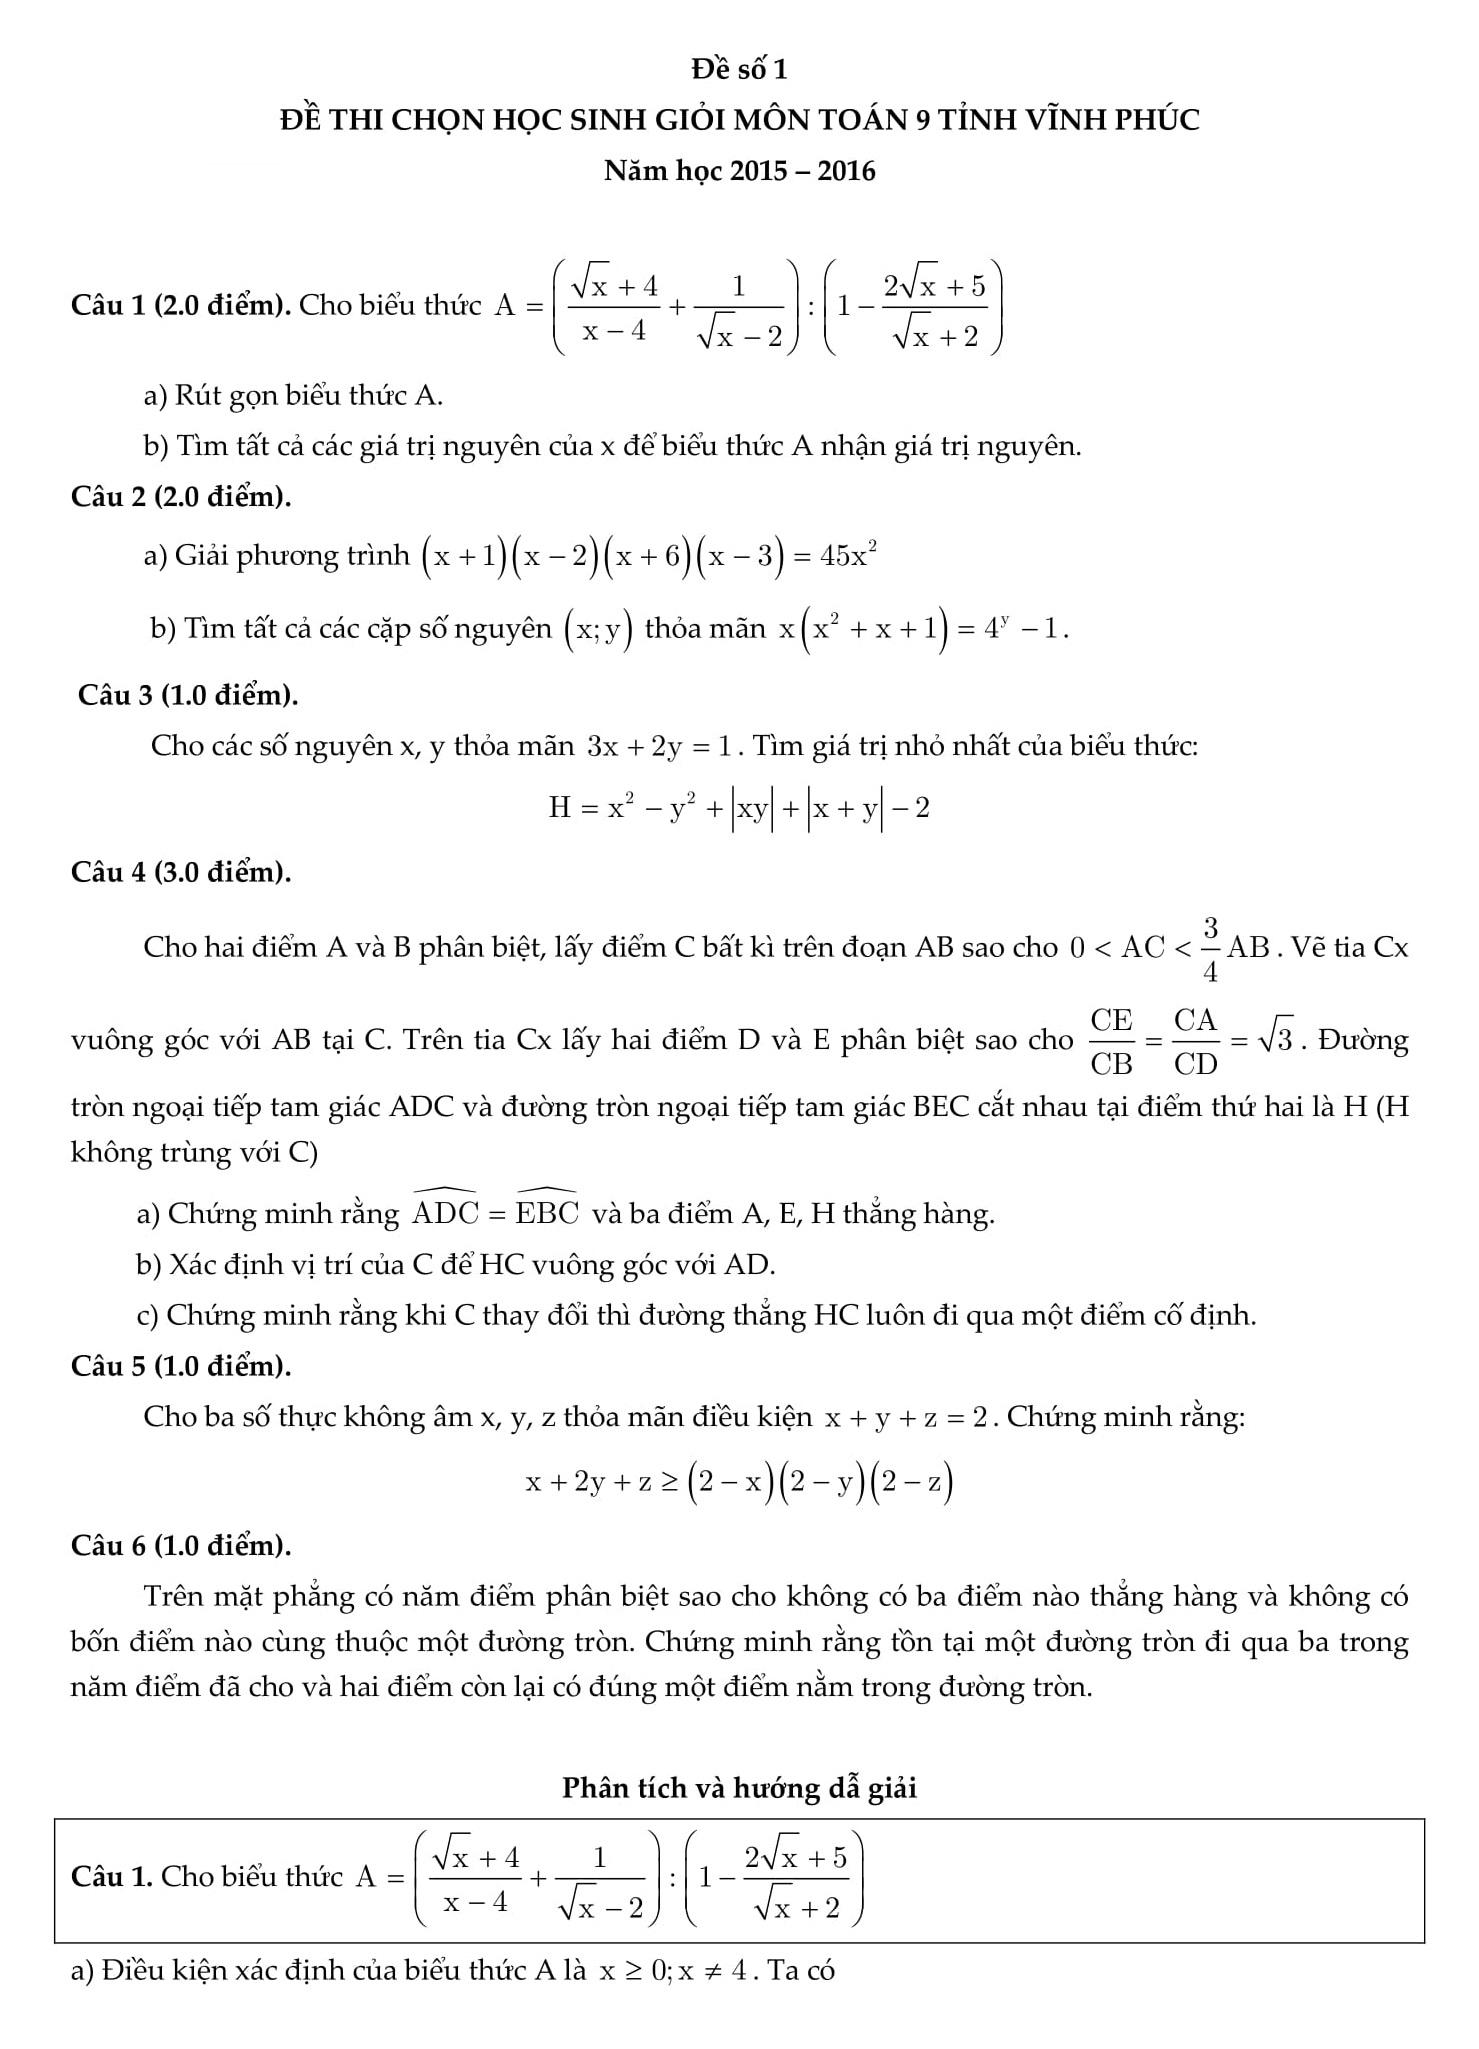 Phân tích và hướng dẫn giải đề thi HSG toán 9